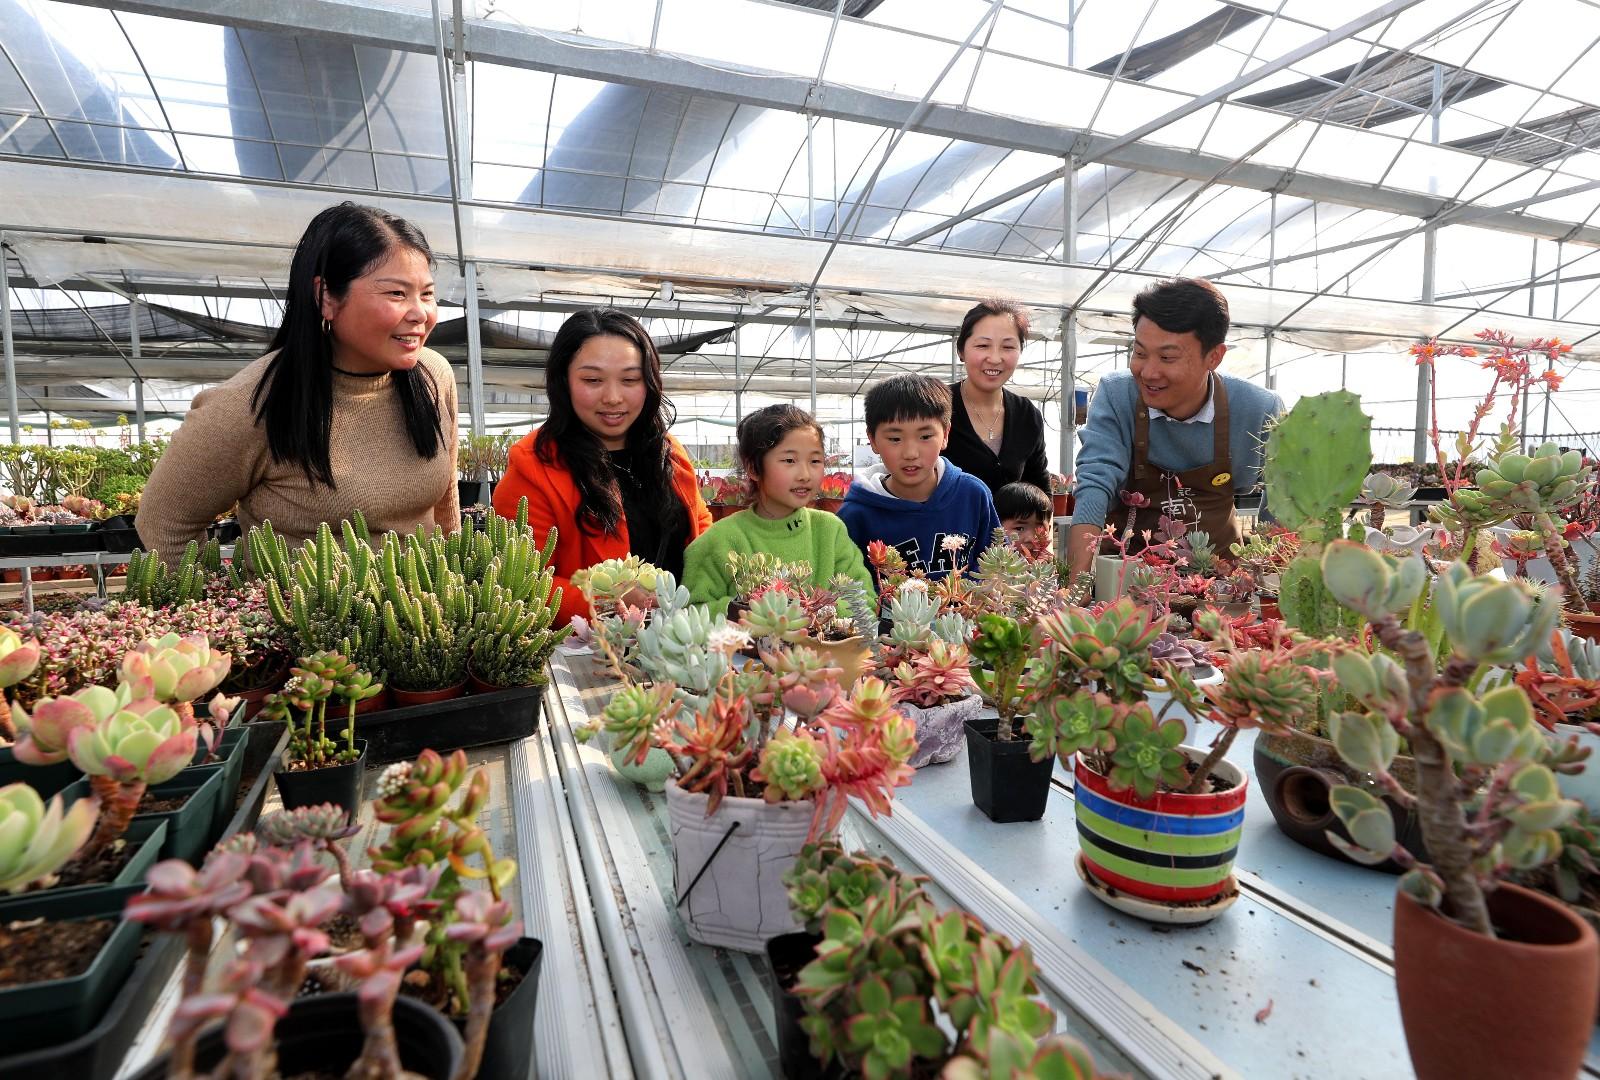 3月14日,游客在全椒县石沛镇南塘花坊选购绿植。